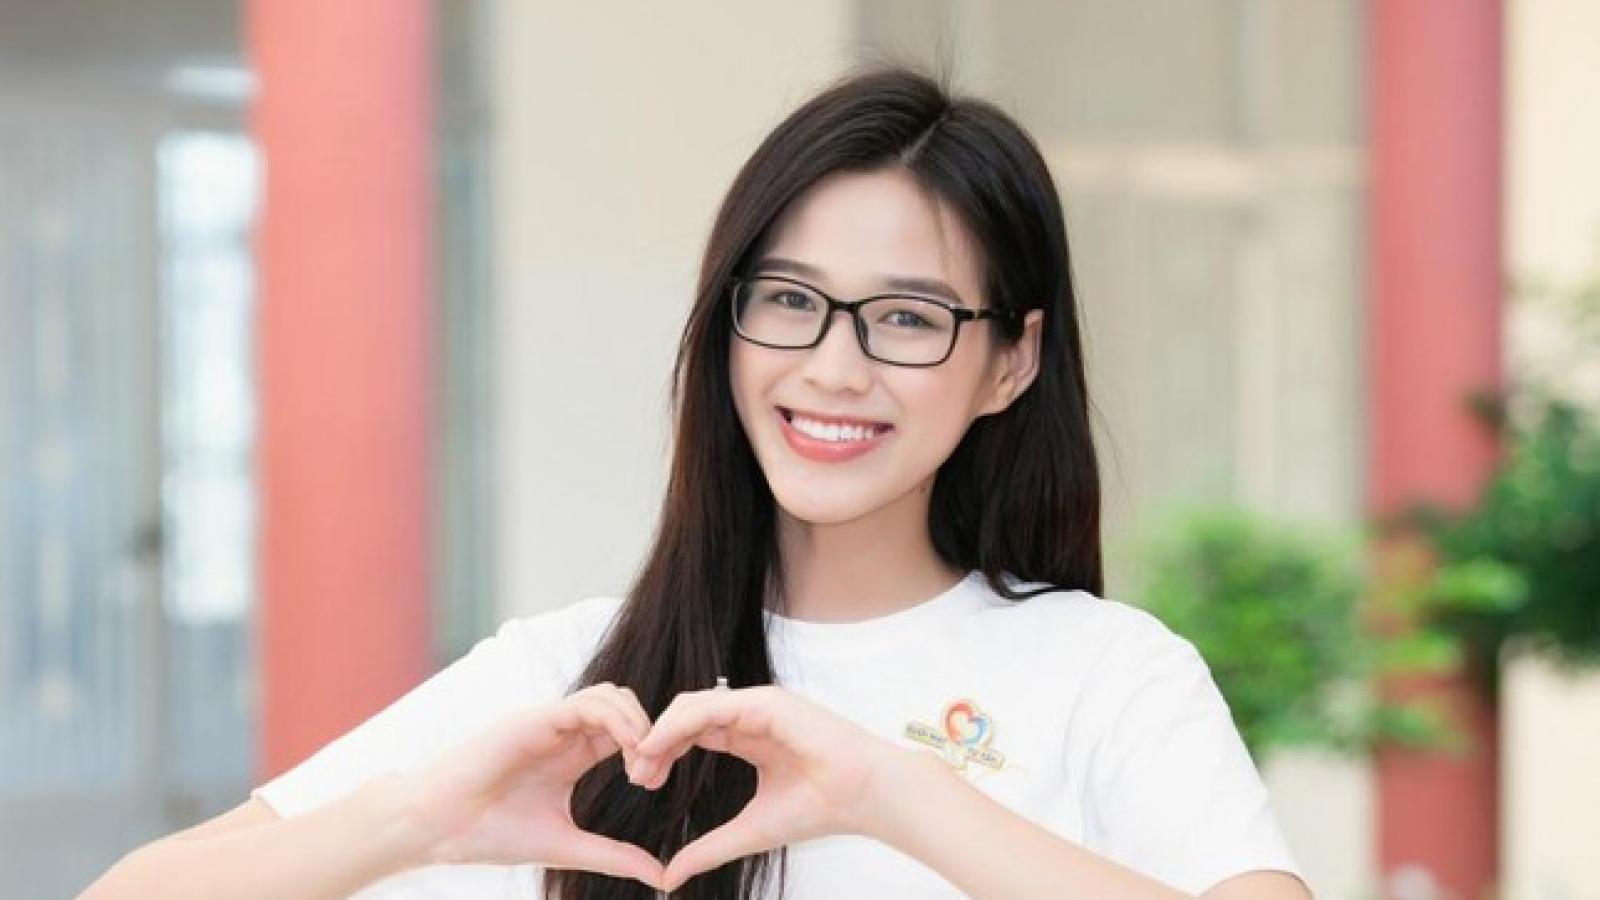 Hoa hậu Đỗ Thị Hà ngưỡng mộ bác sĩ 78 tuổi xung phong đi chống dịch ở Bắc Giang